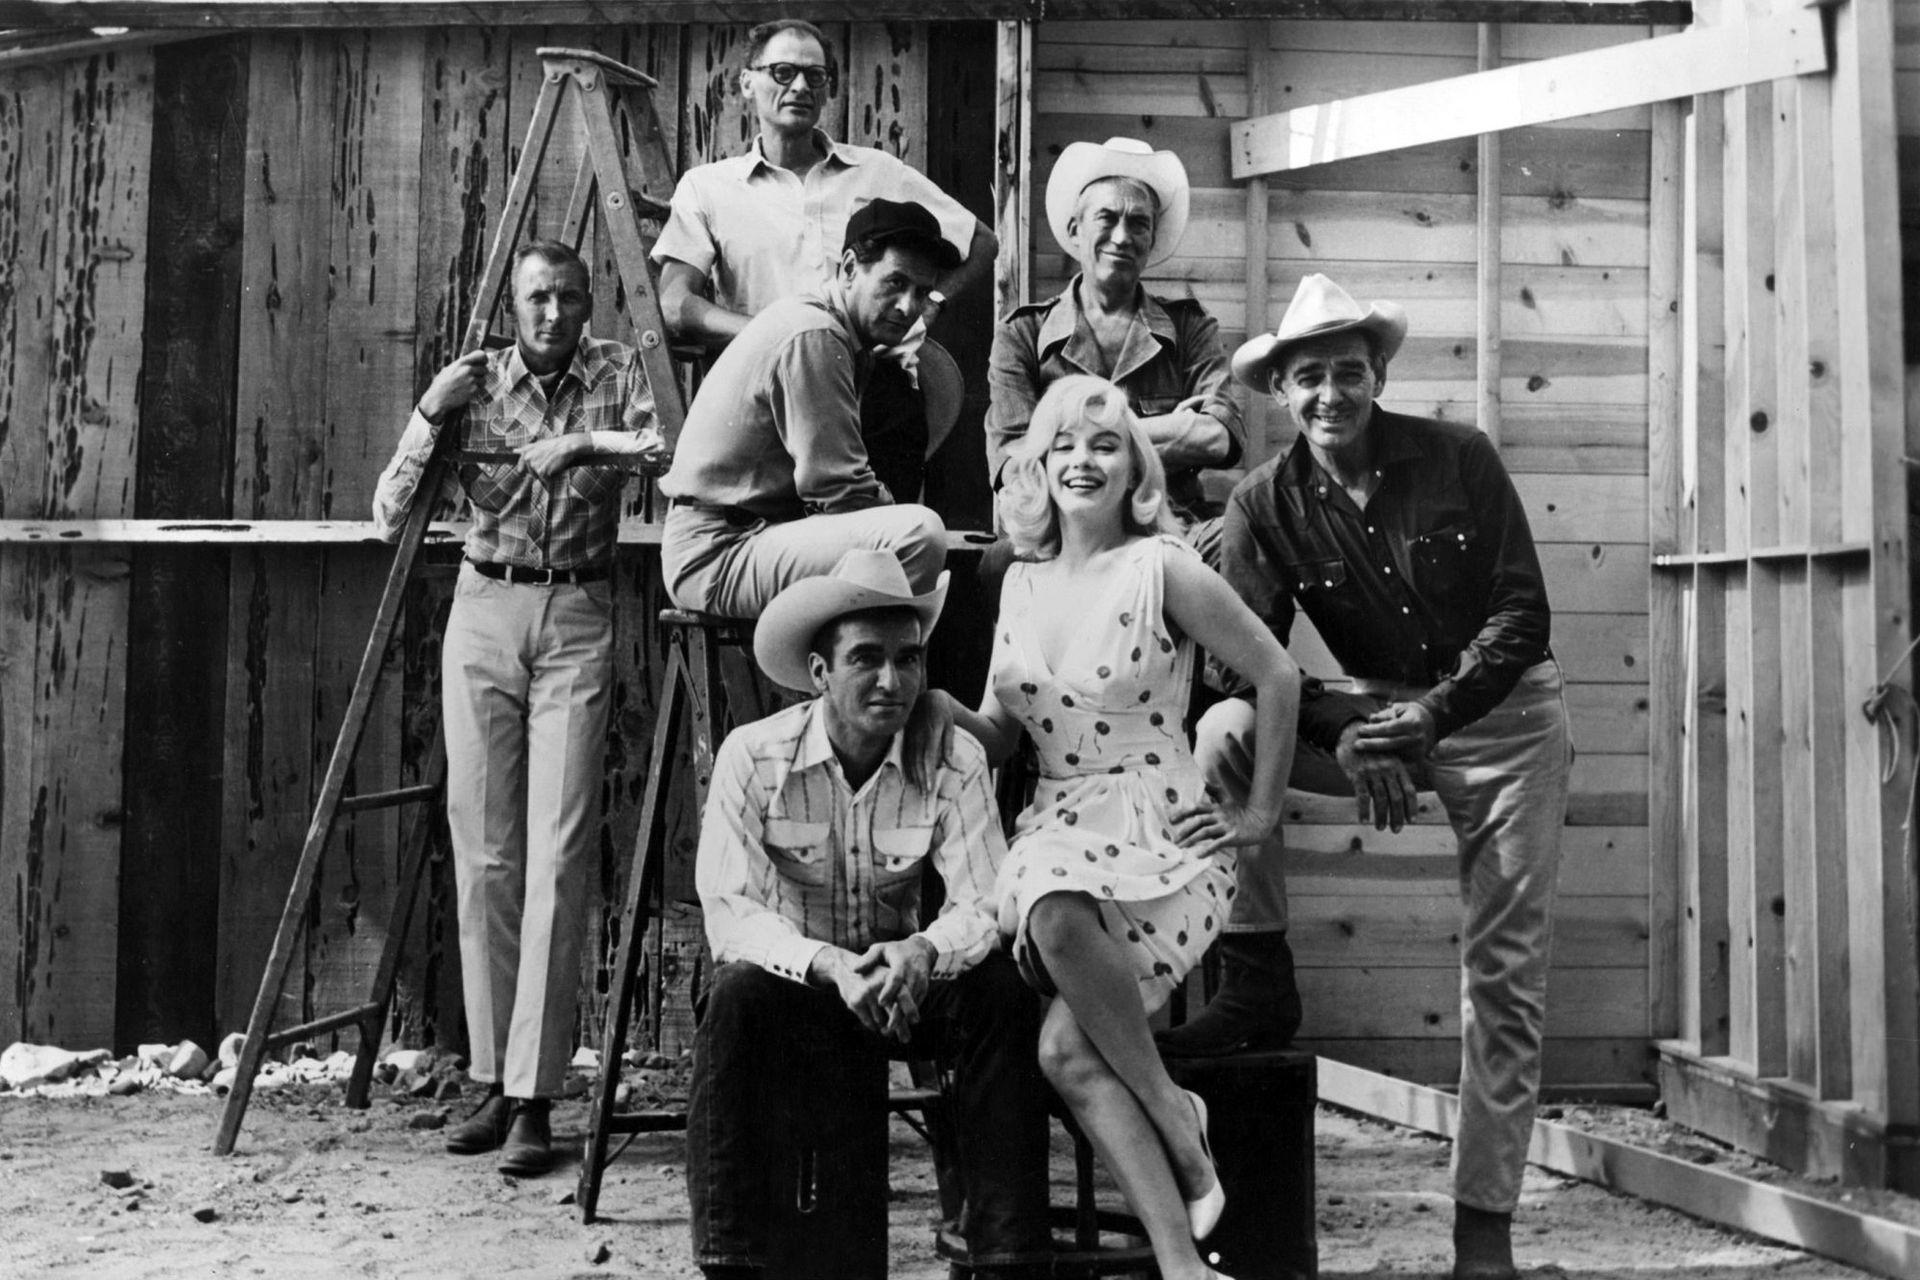 Todo el equipo de Los inadaptados: Arthur Miller, Eli Wallach, John Huston, Clark Gable, Marilyn Monroe y Montgomery Clift